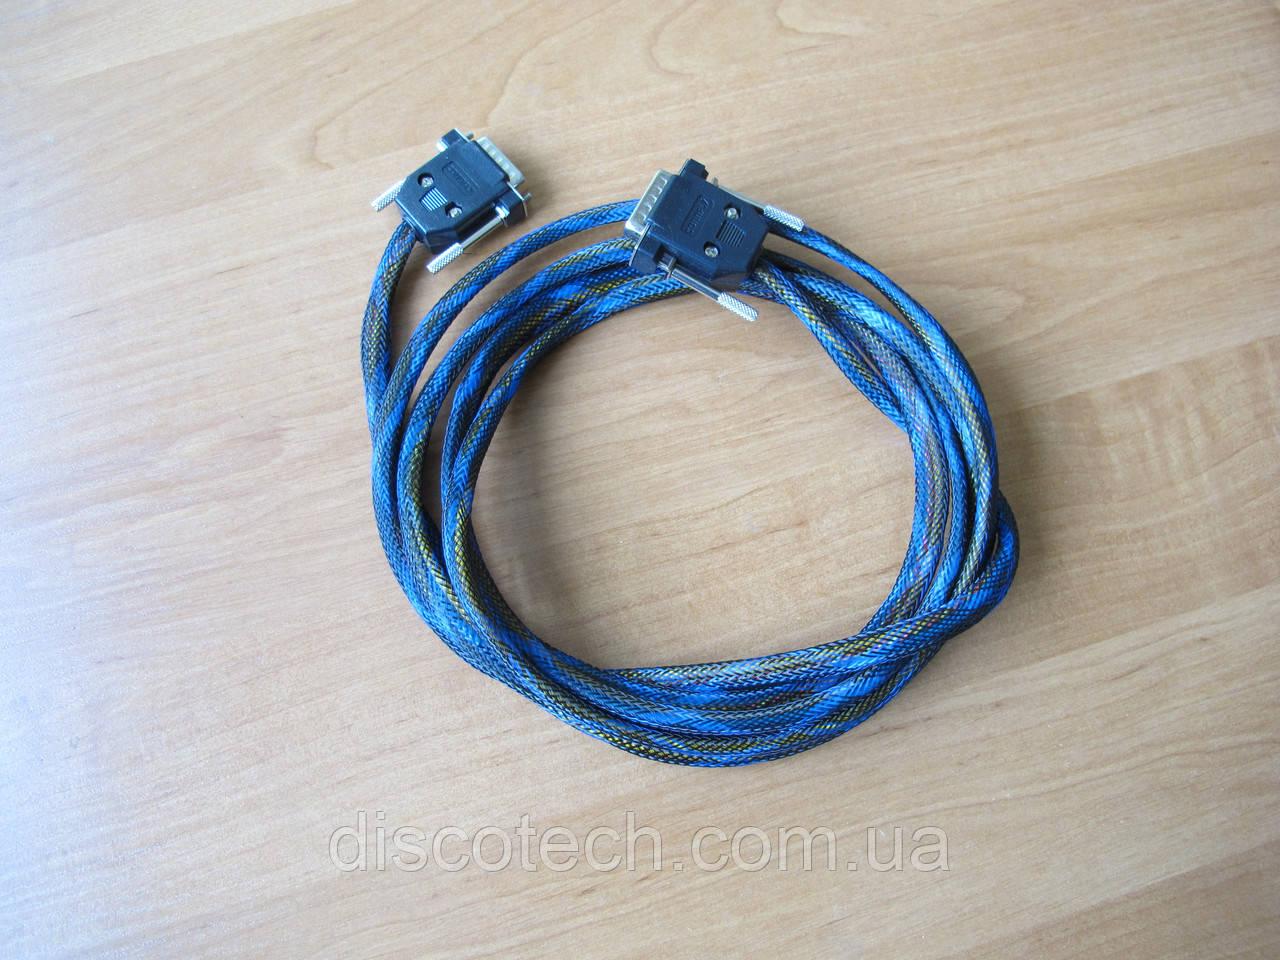 Dj Facade кабель соединительный 5м